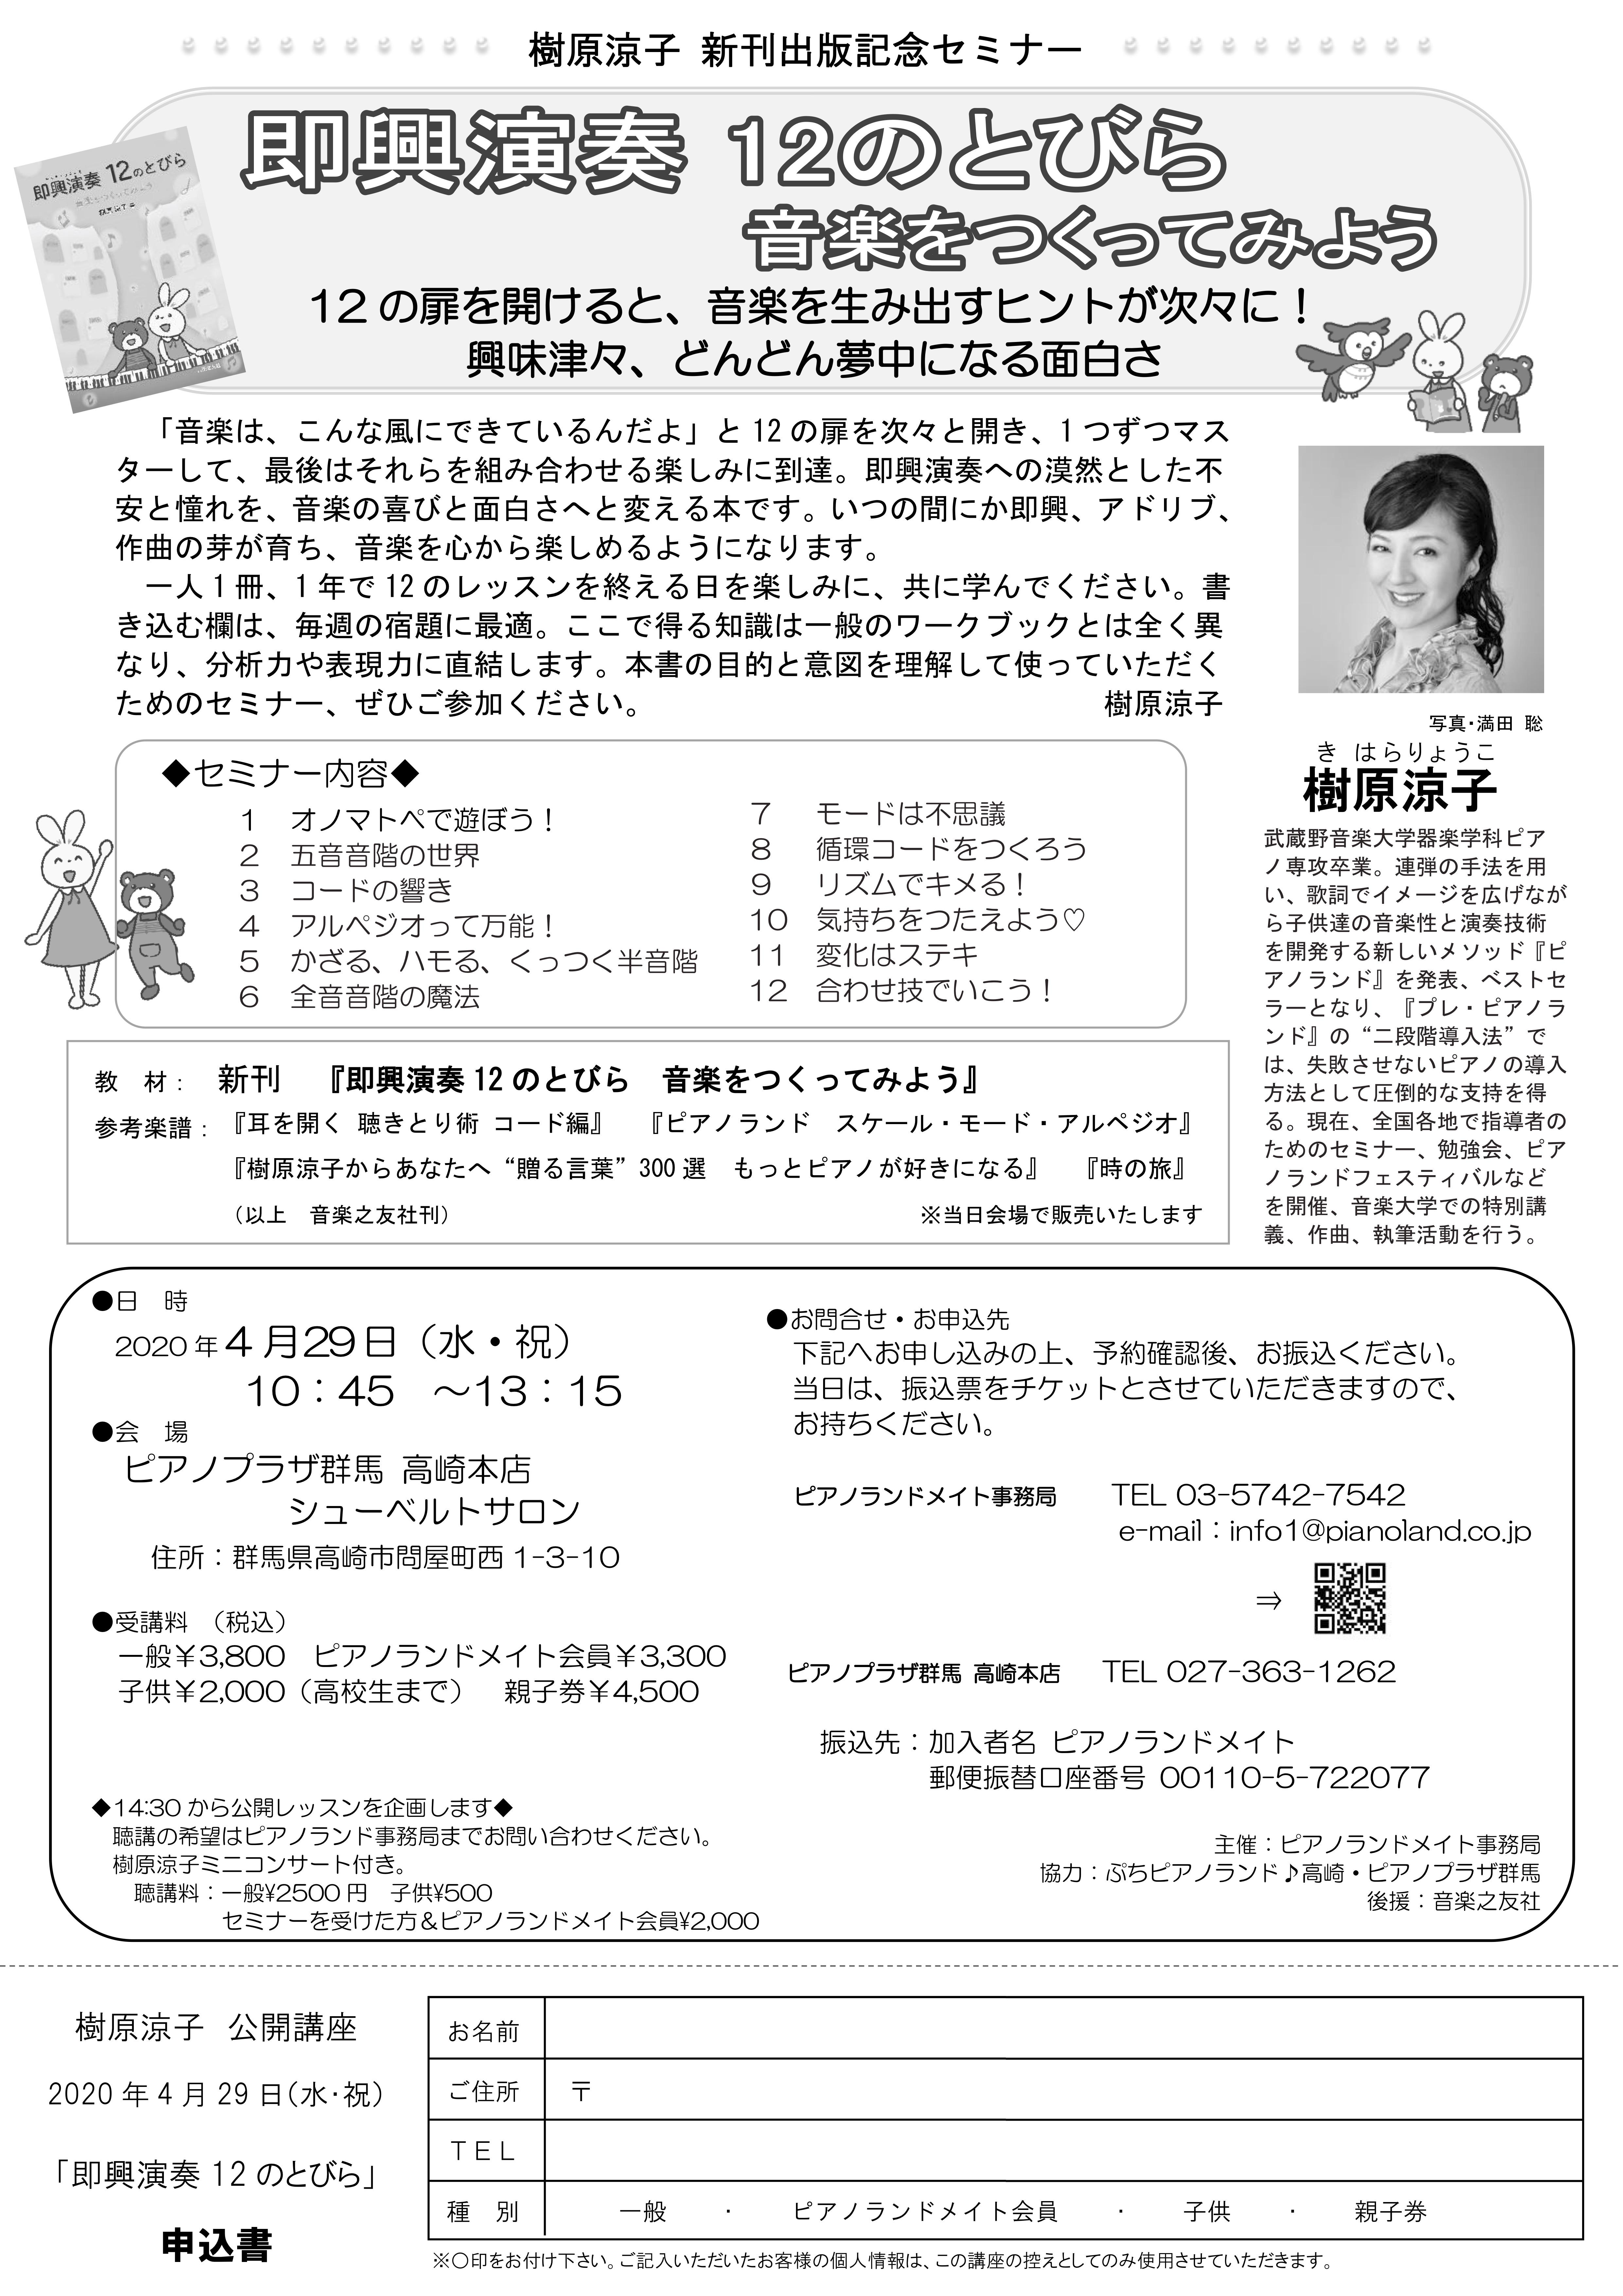 11/3に延期決定:『即興演奏 12のとびら 〜音楽をつくってみよう〜』